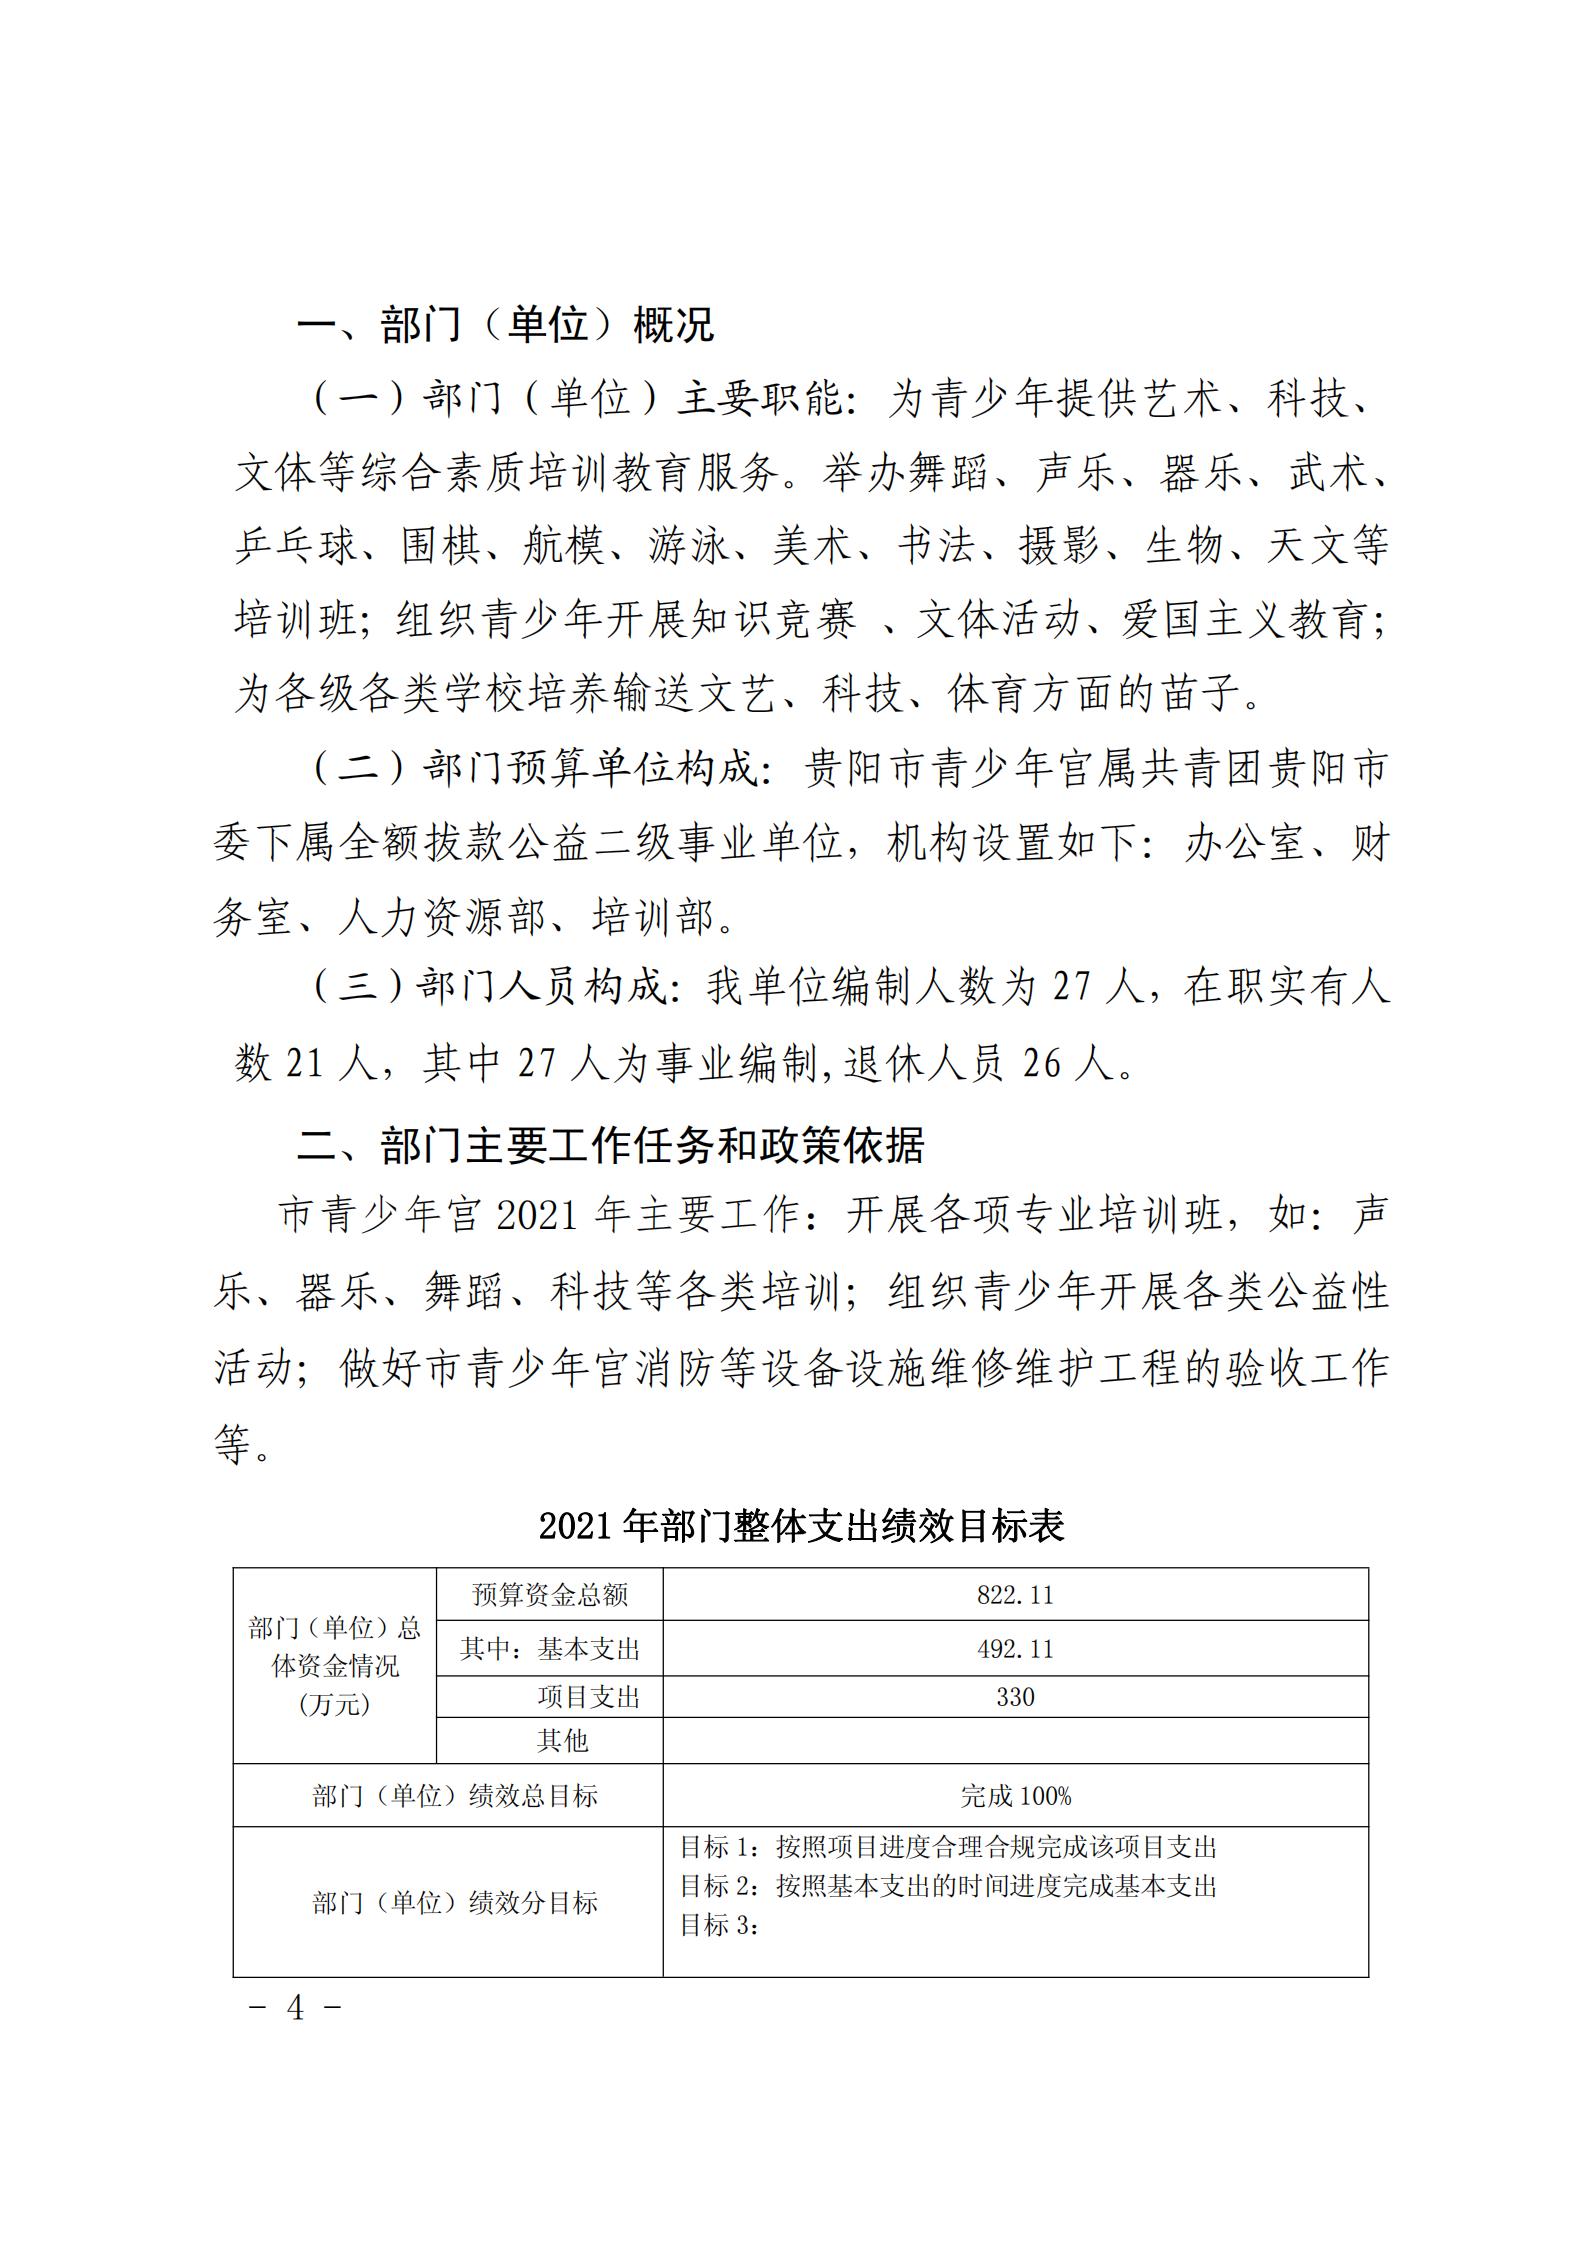 """贵阳市青少年宫2021年度市级部门预算、""""三公""""经费预算公开说明_03.png"""